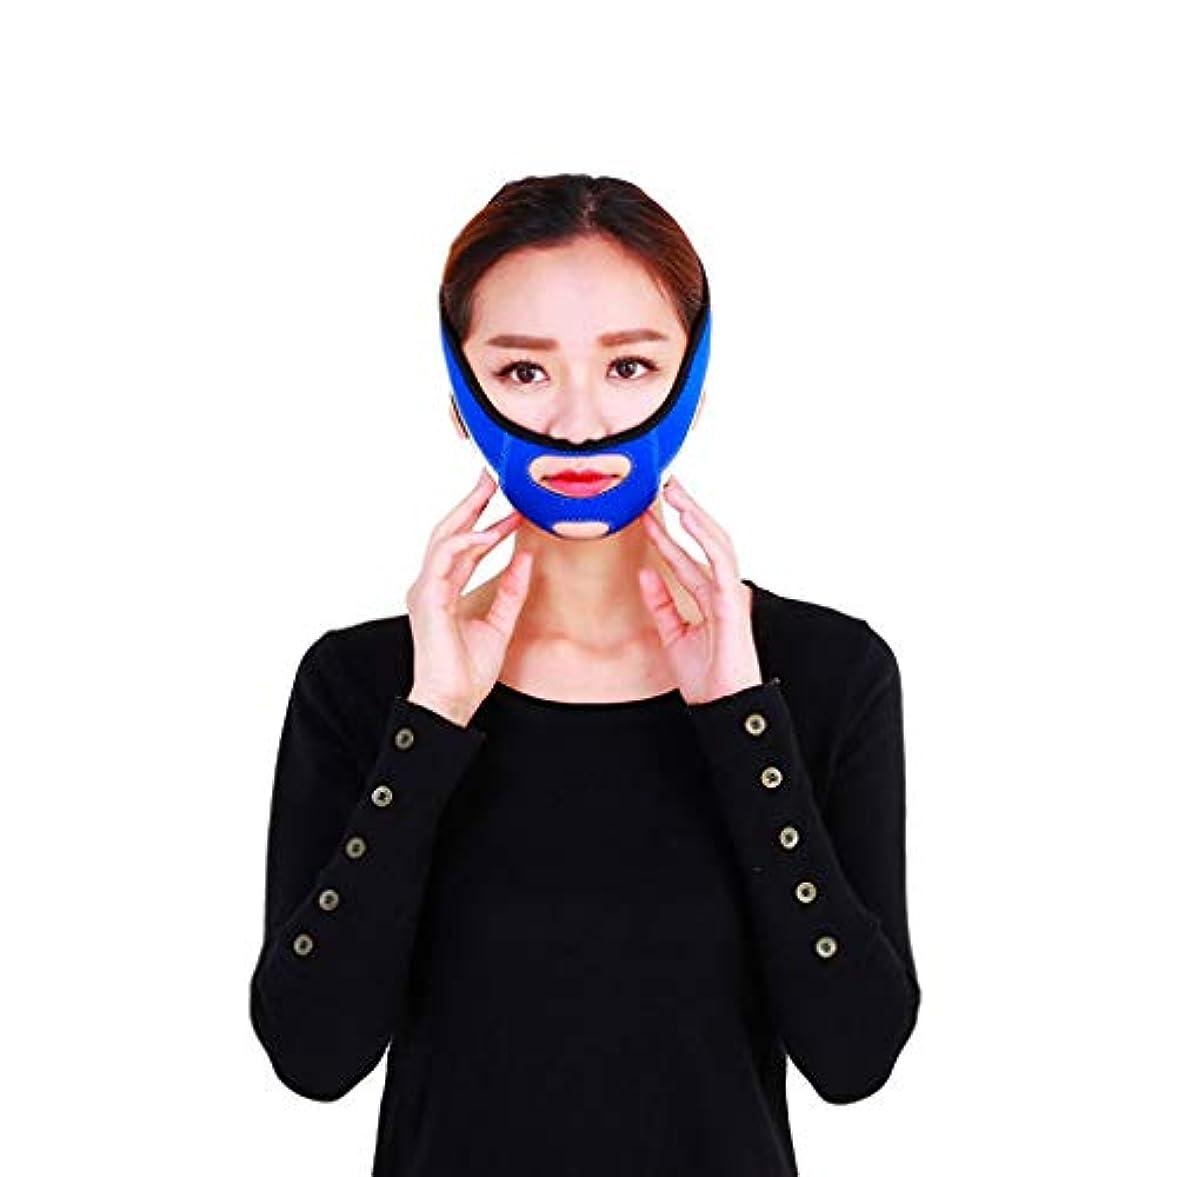 怖い協力する担当者滑り止め弾性ストレッチ包帯を強化するために口を調整する顔の顔のマスク